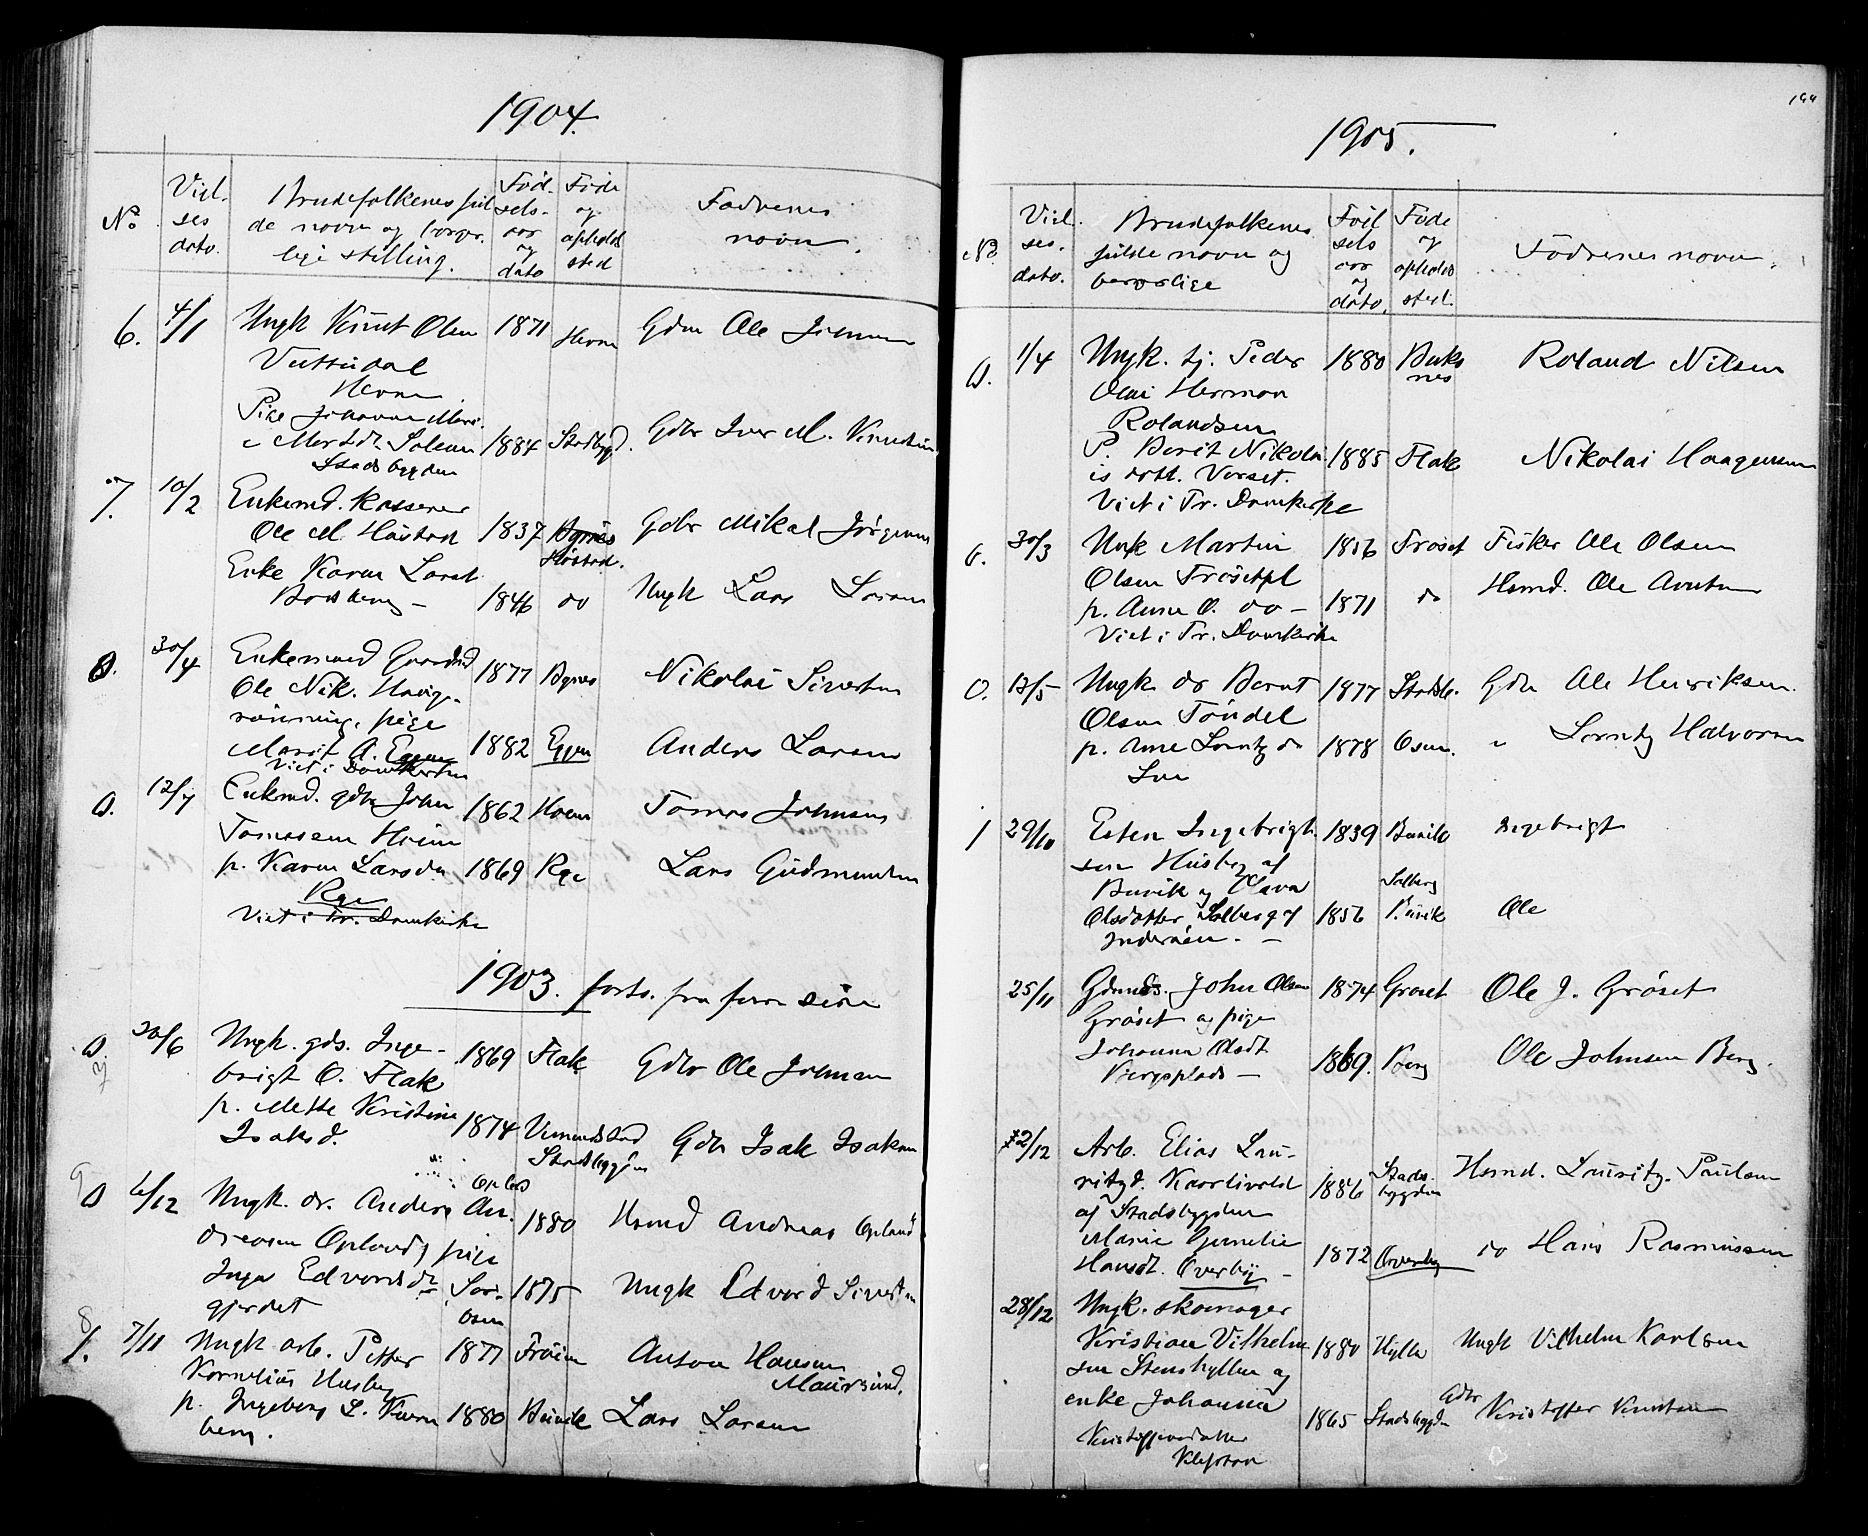 SAT, Ministerialprotokoller, klokkerbøker og fødselsregistre - Sør-Trøndelag, 612/L0387: Klokkerbok nr. 612C03, 1874-1908, s. 194